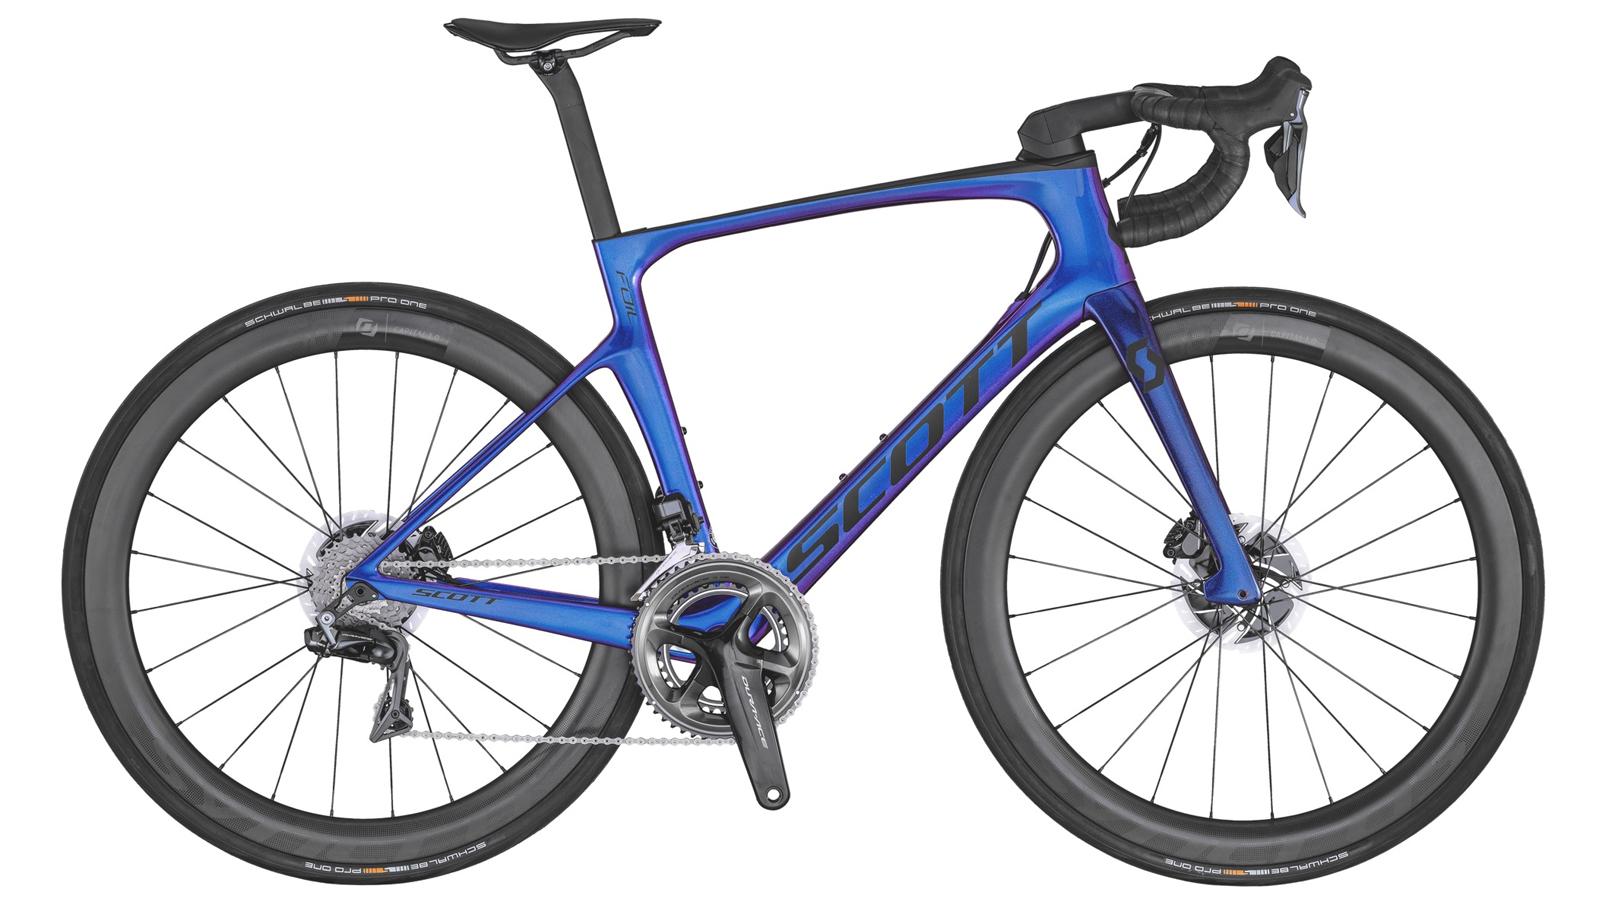 Best aero road bikes: Scott Foil Premium